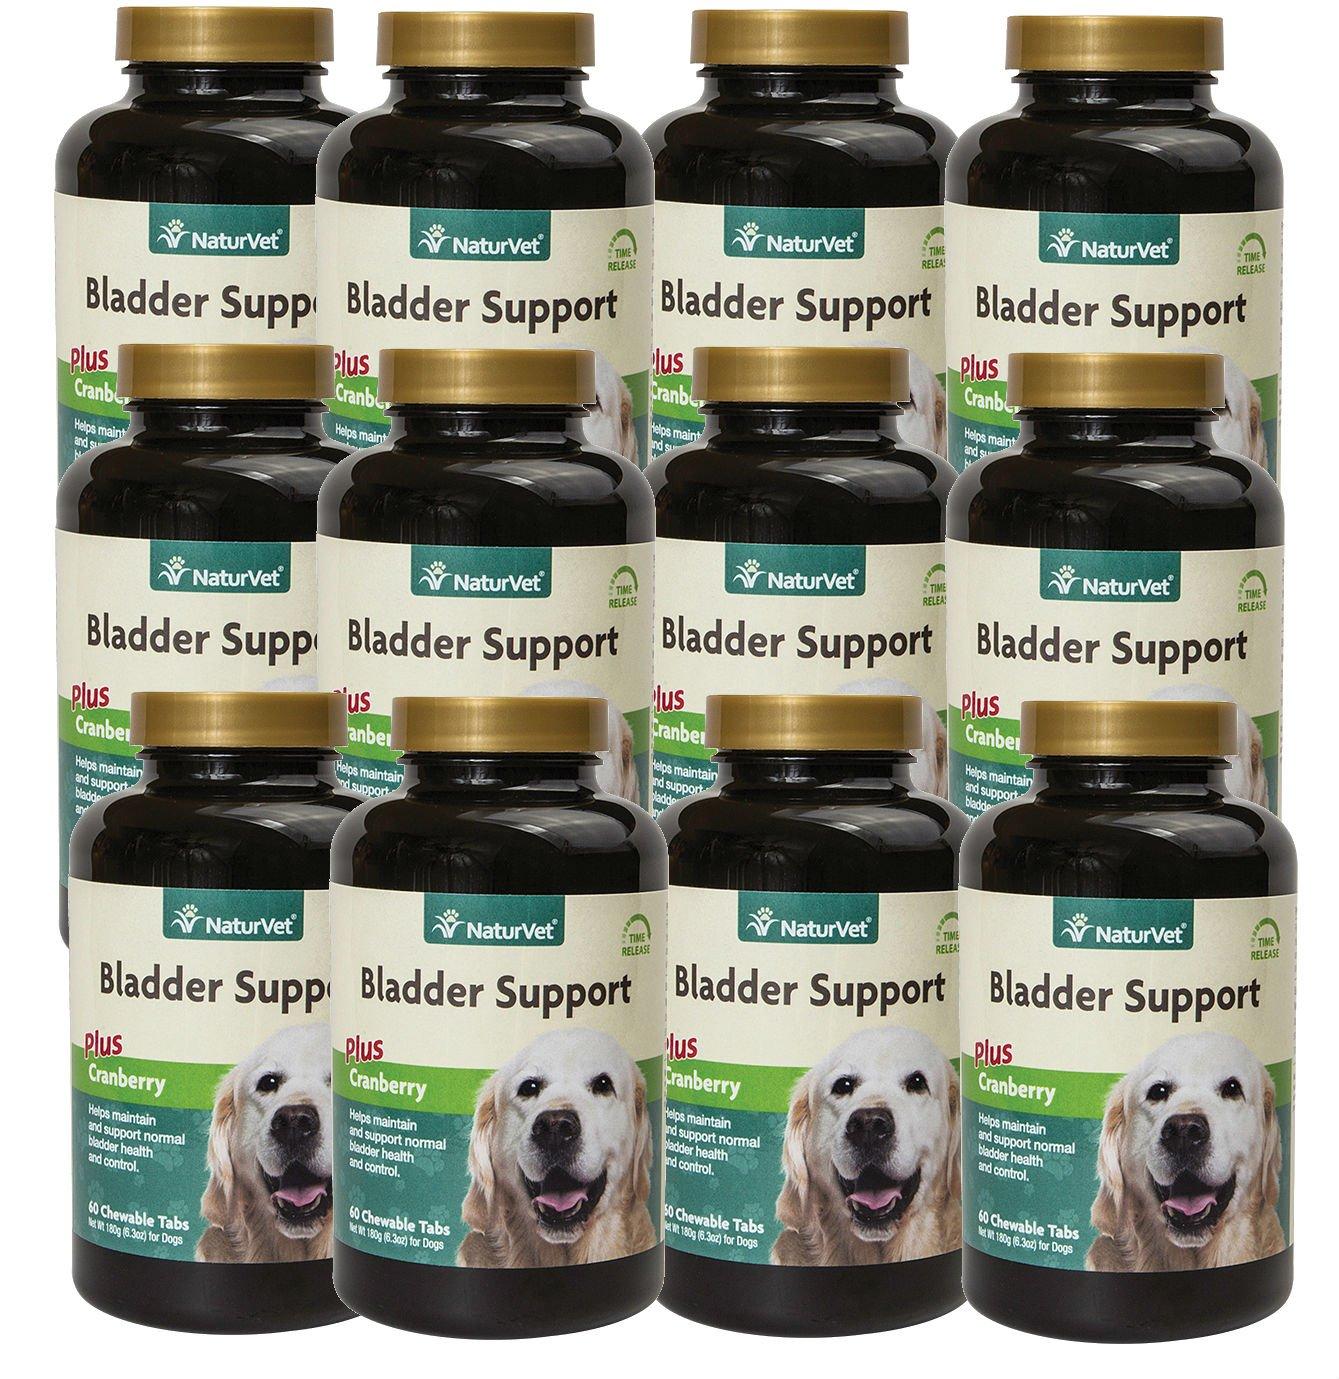 NaturVet Senior Dog Natural BLADDER SUPPORT with Cranberry 60 Tablets 12 PACK